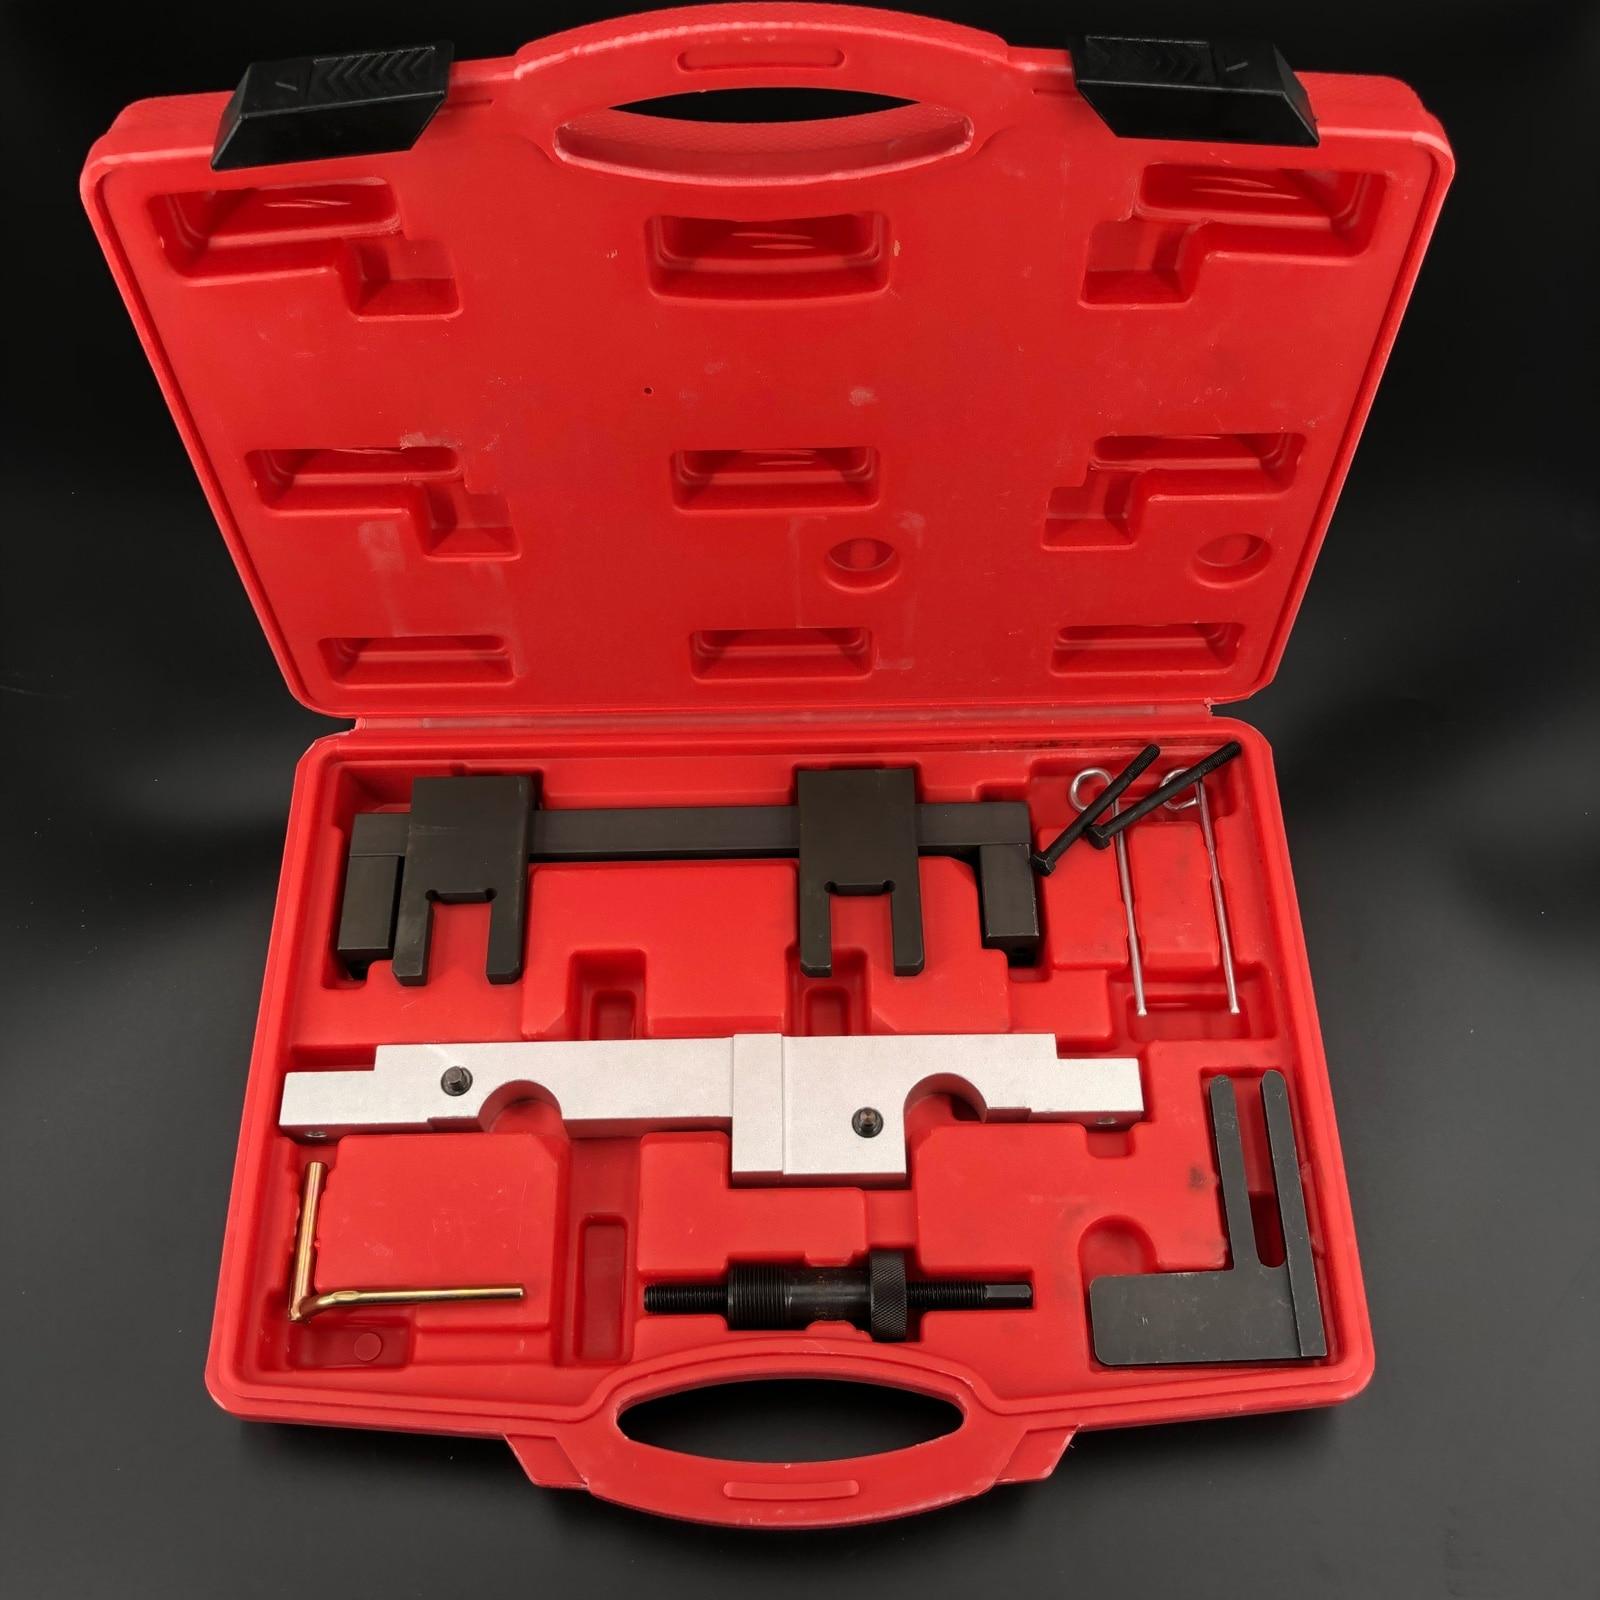 7 pièces Moteur Outil Alignement Arbre à Cames Pour BMW N43 1.6 2.0 E81 E82 E87 E88 E90 E91 E92 E93 Jeu D'outils De Synchronisation